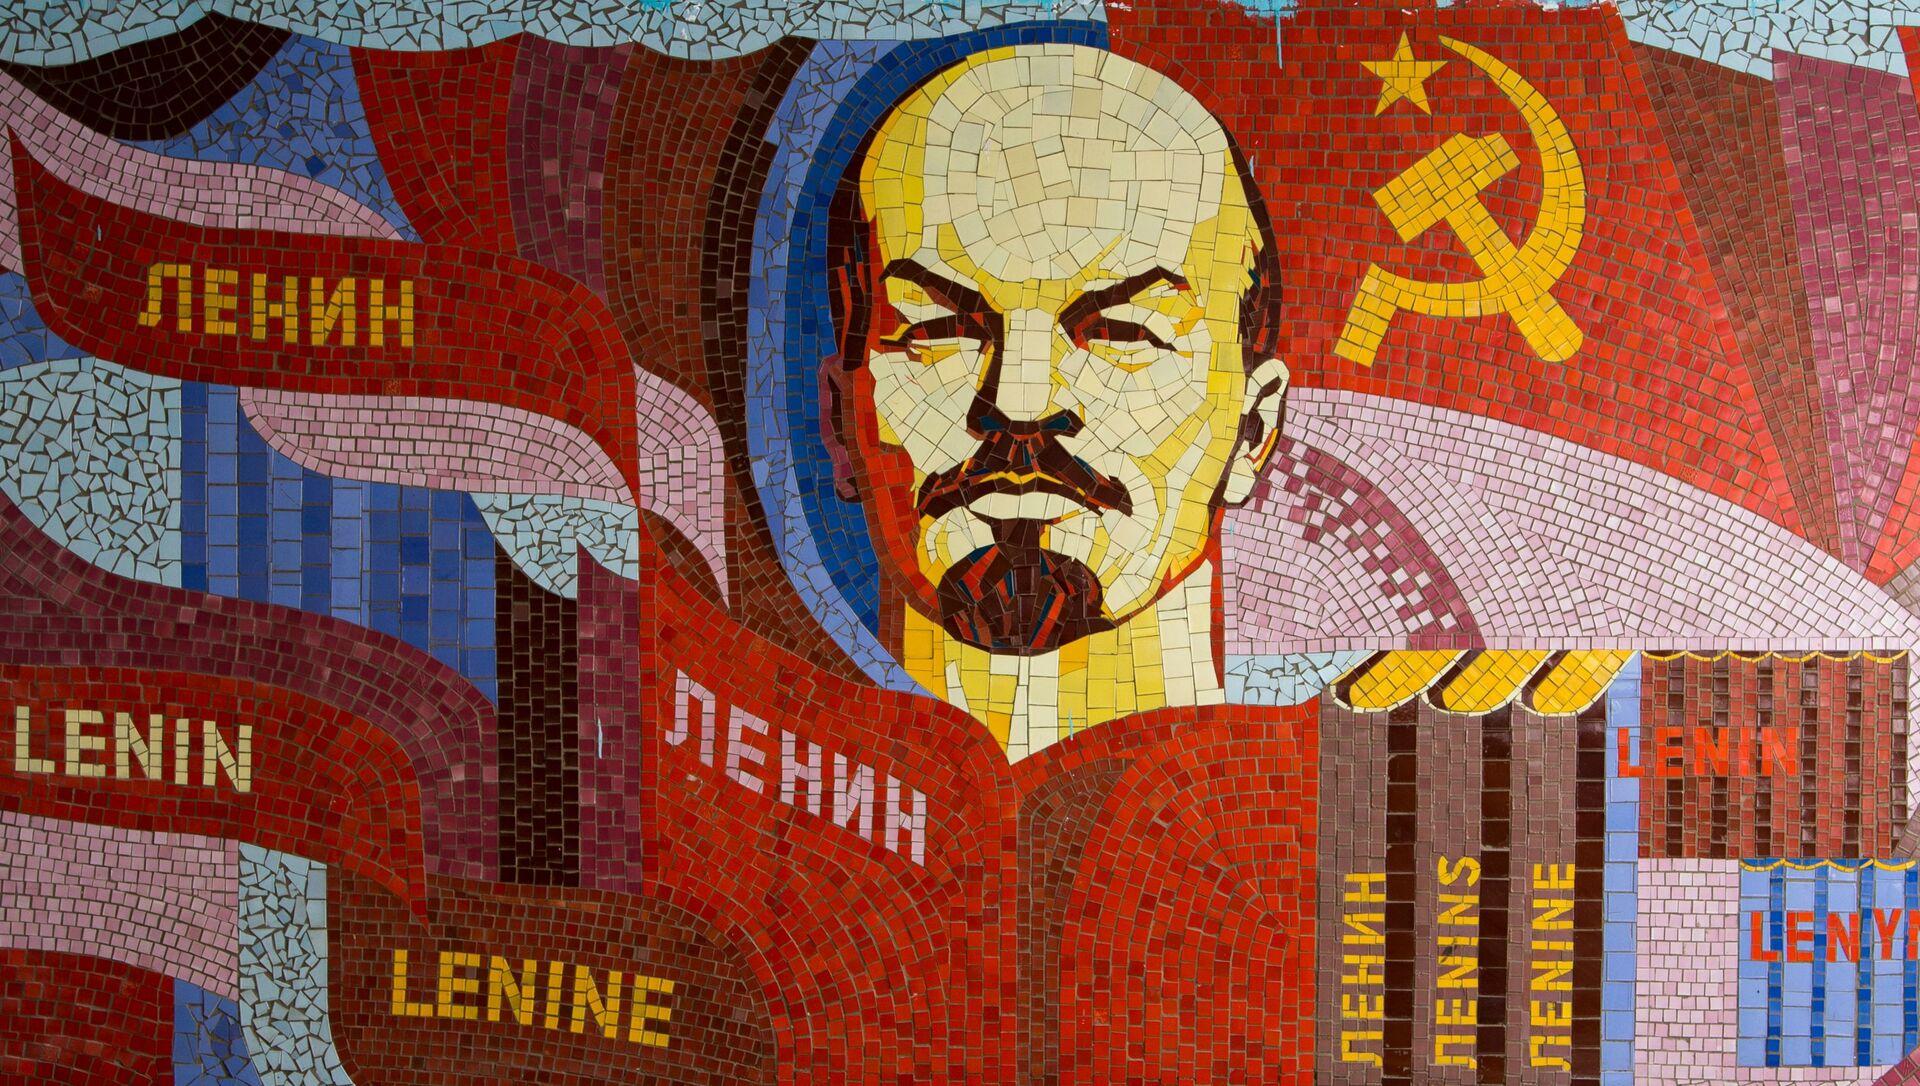 Un mosaico de Vladímir Lenin, líder de la revolución bolchevique - Sputnik Mundo, 1920, 22.04.2020